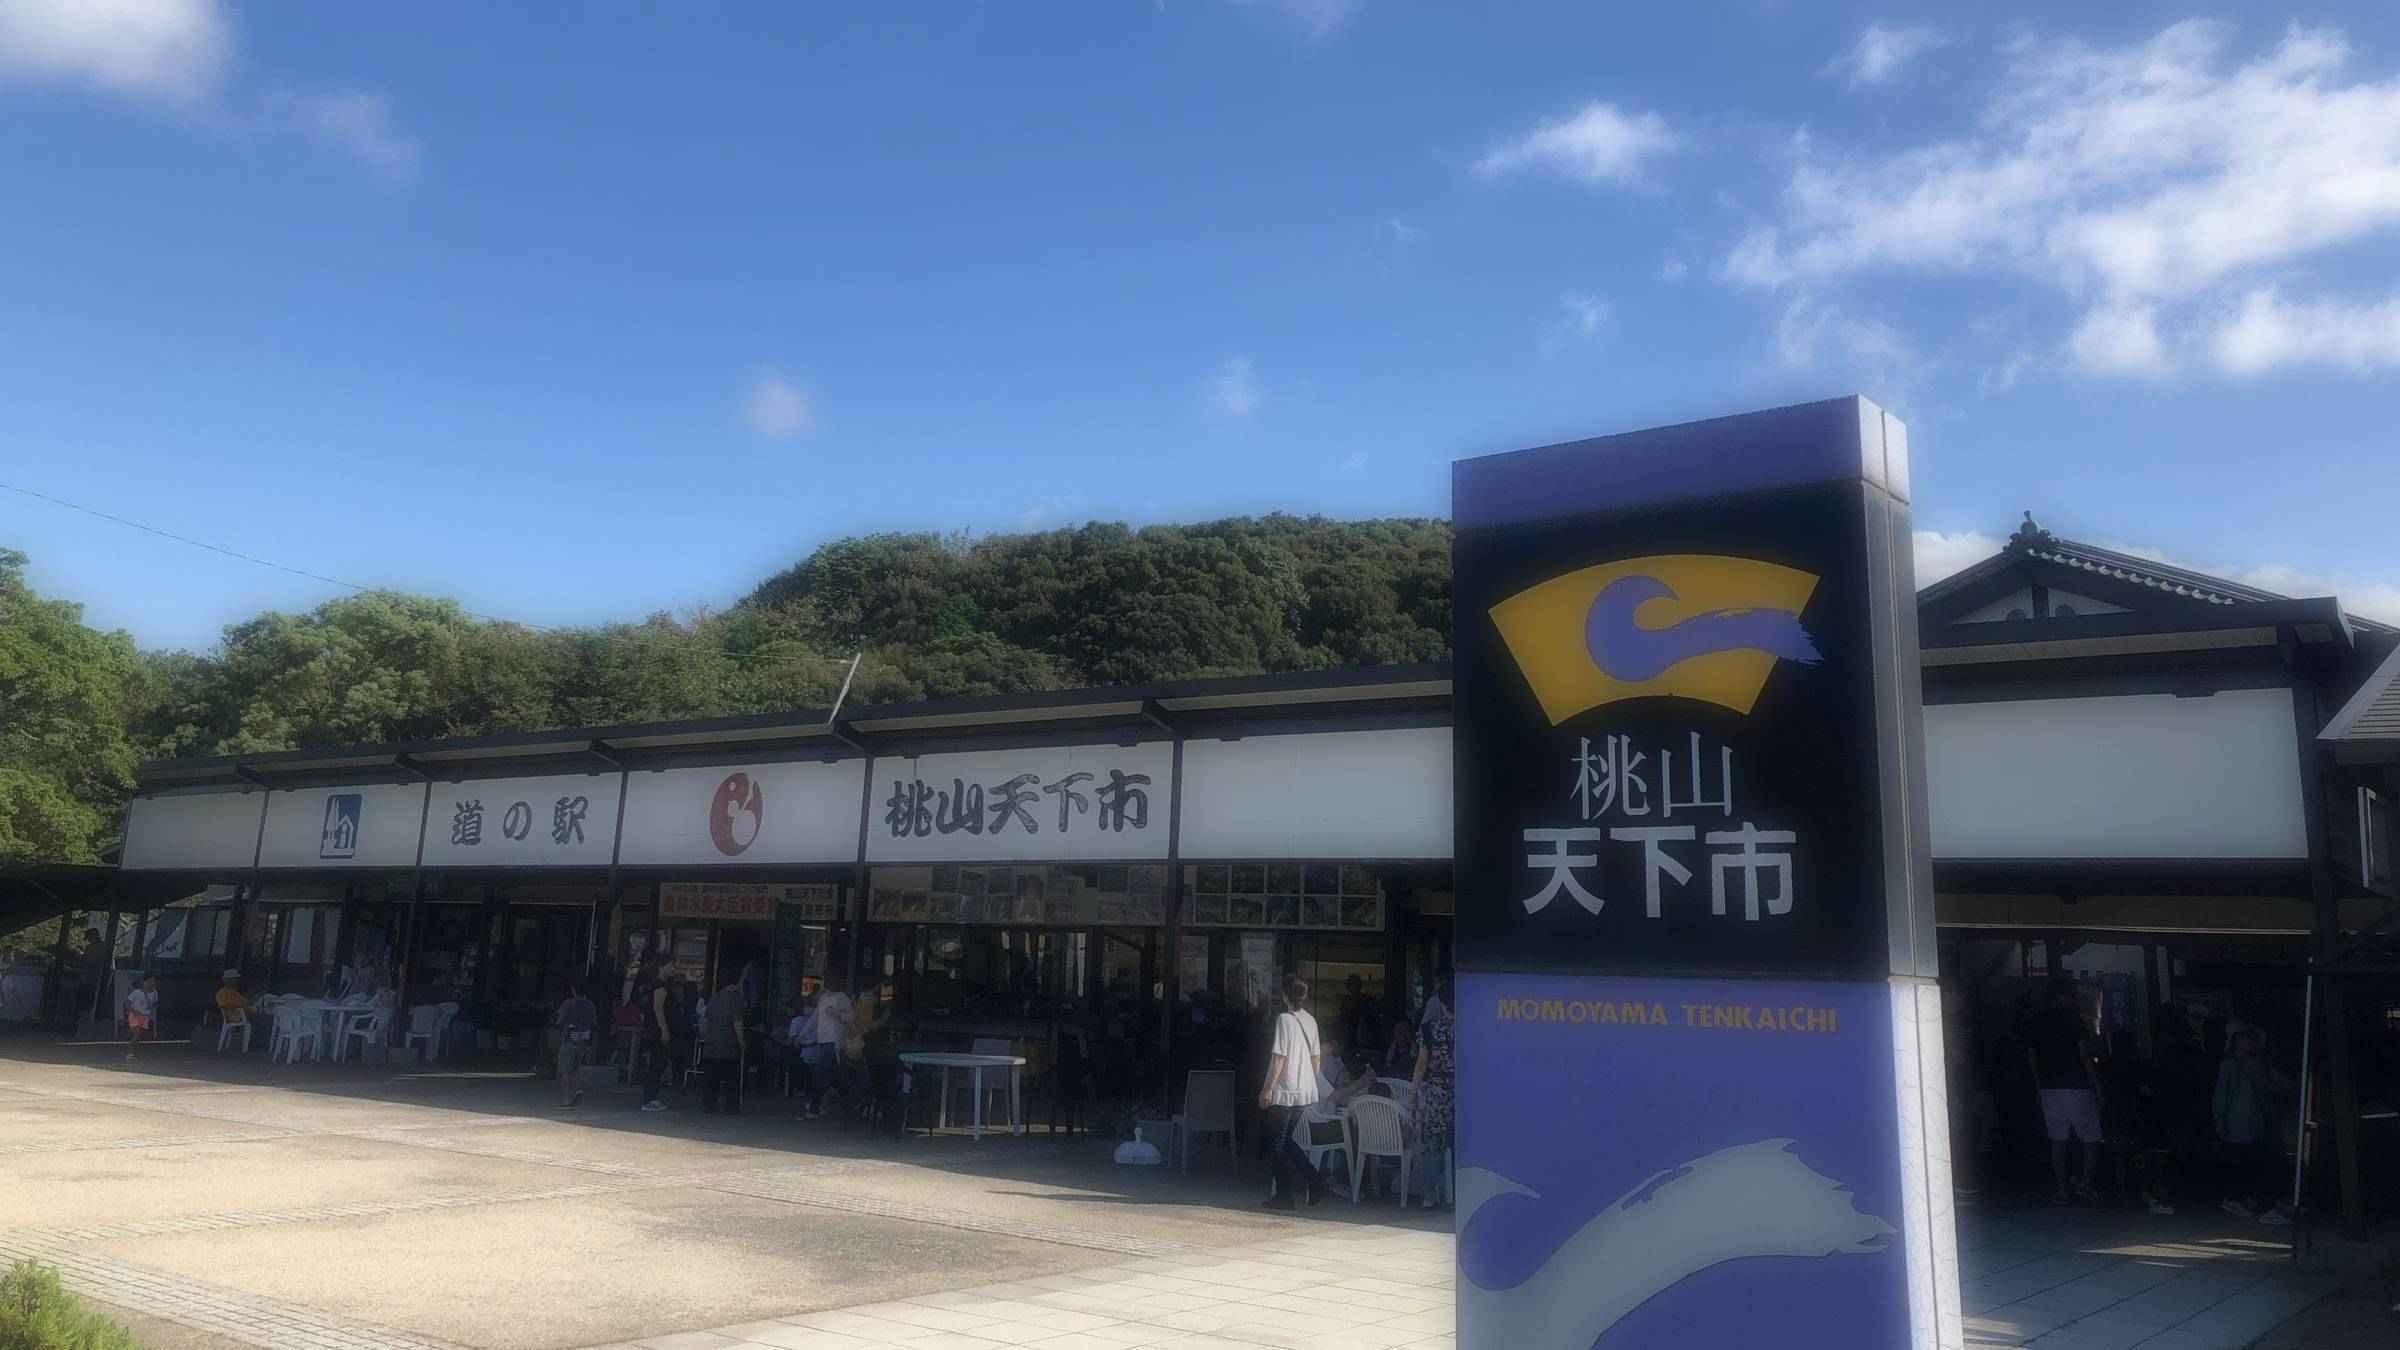 唐津くんち期間中の道の駅桃山天下市への迂回ルート